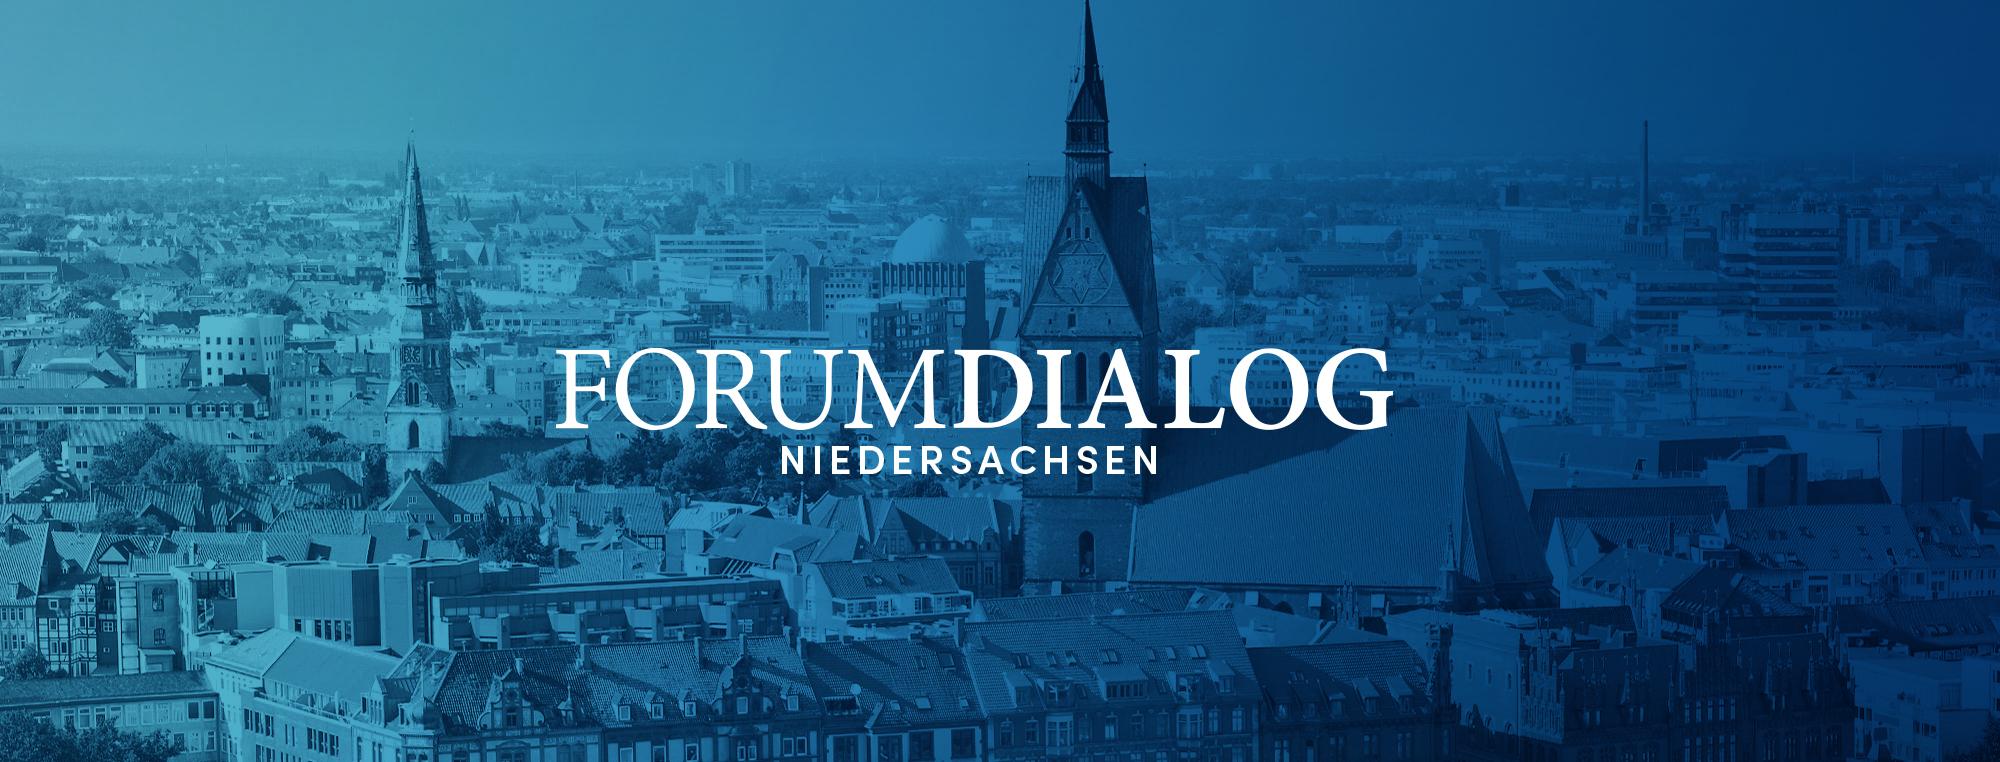 forumdialog niedersachsen